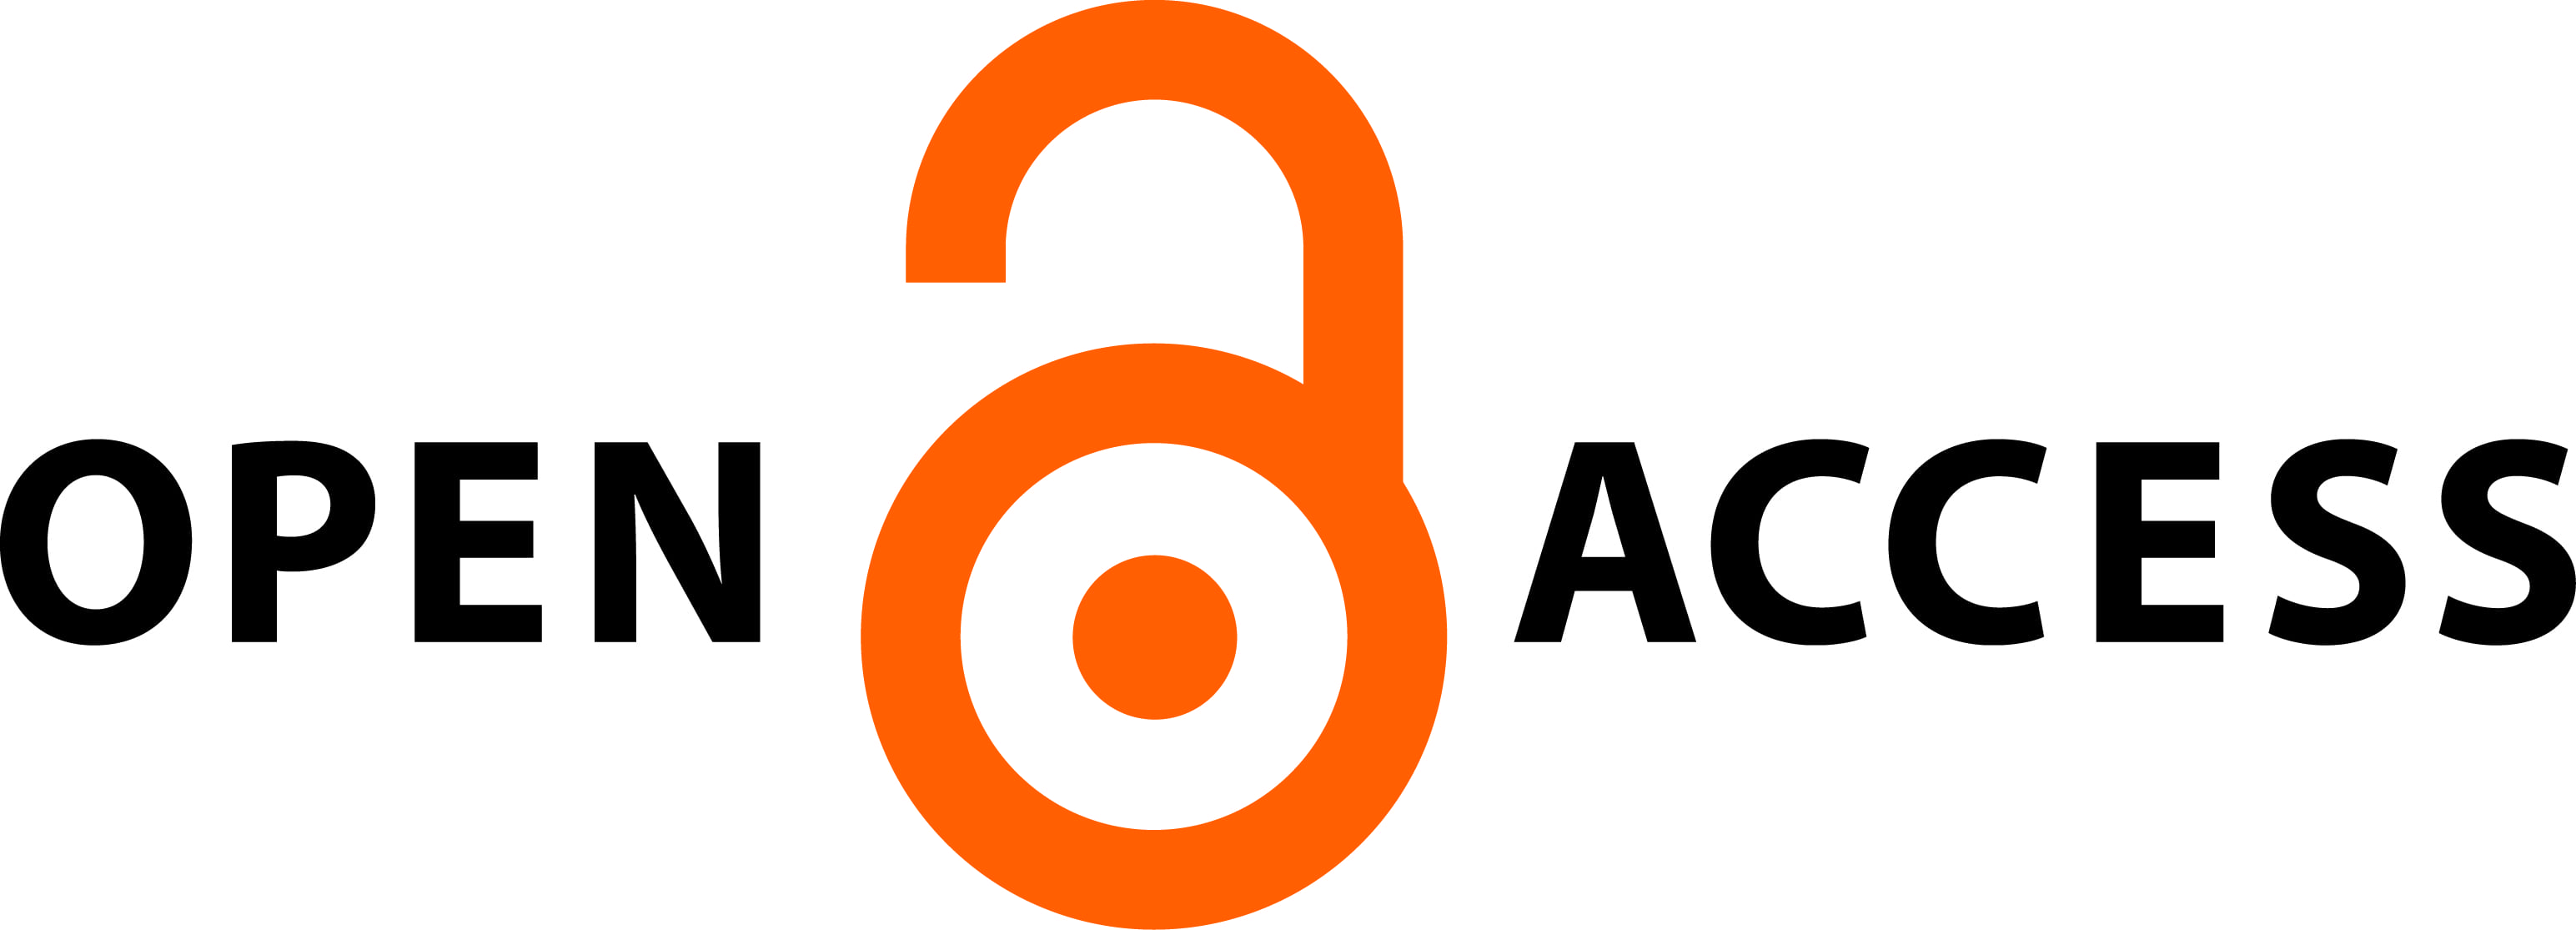 Open Access Week, Oct. 21-27